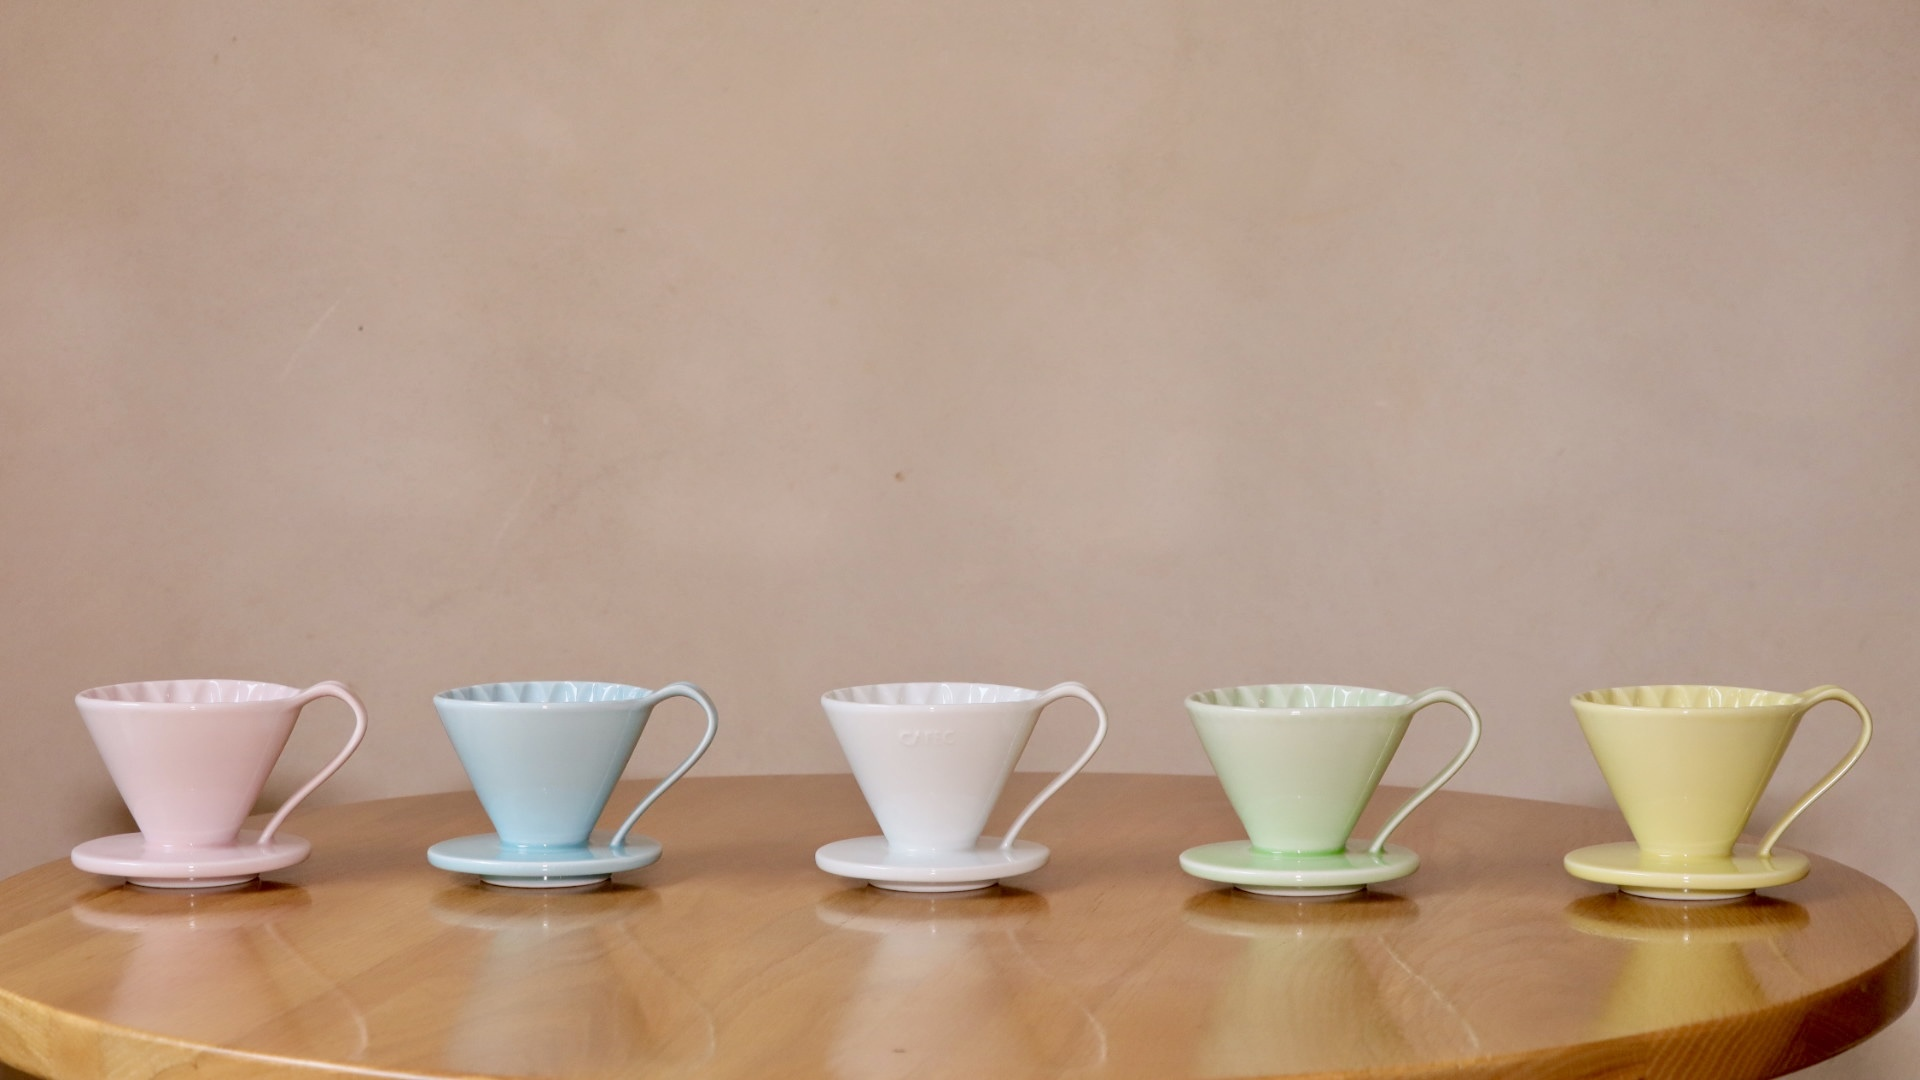 フラワードリッパー(有田焼)1-2杯用